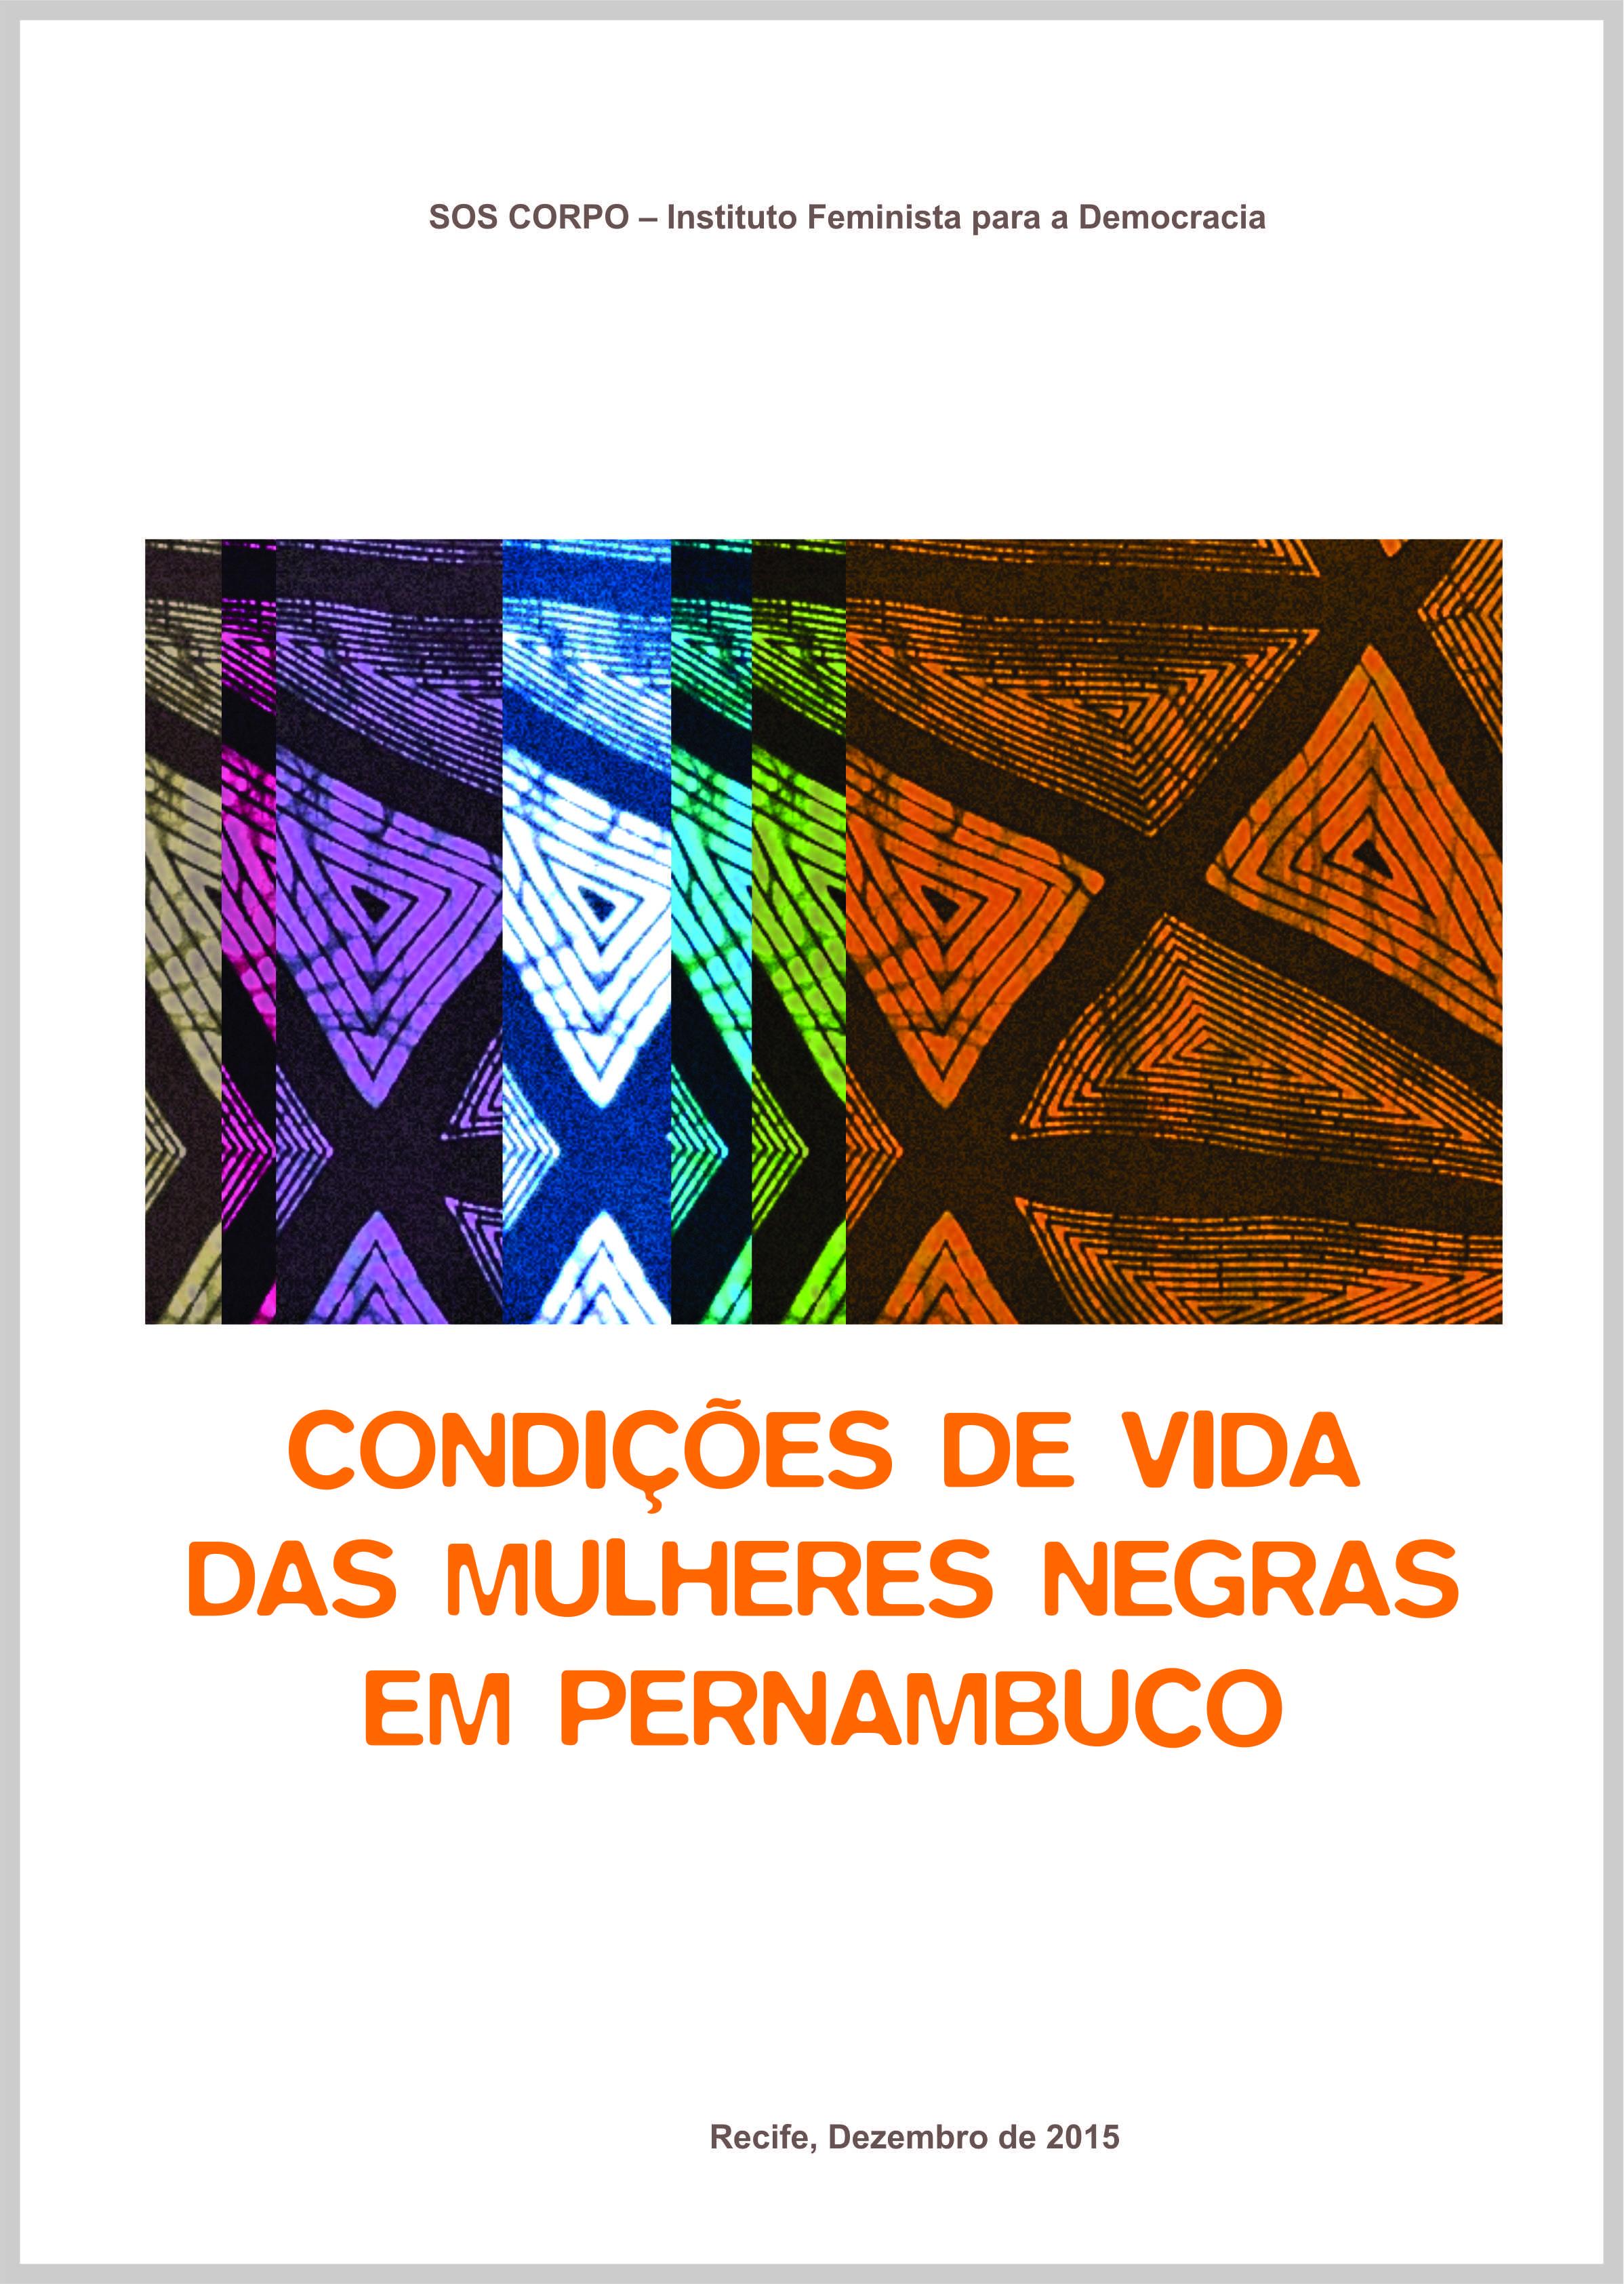 capa estudo CondMulheresNegras